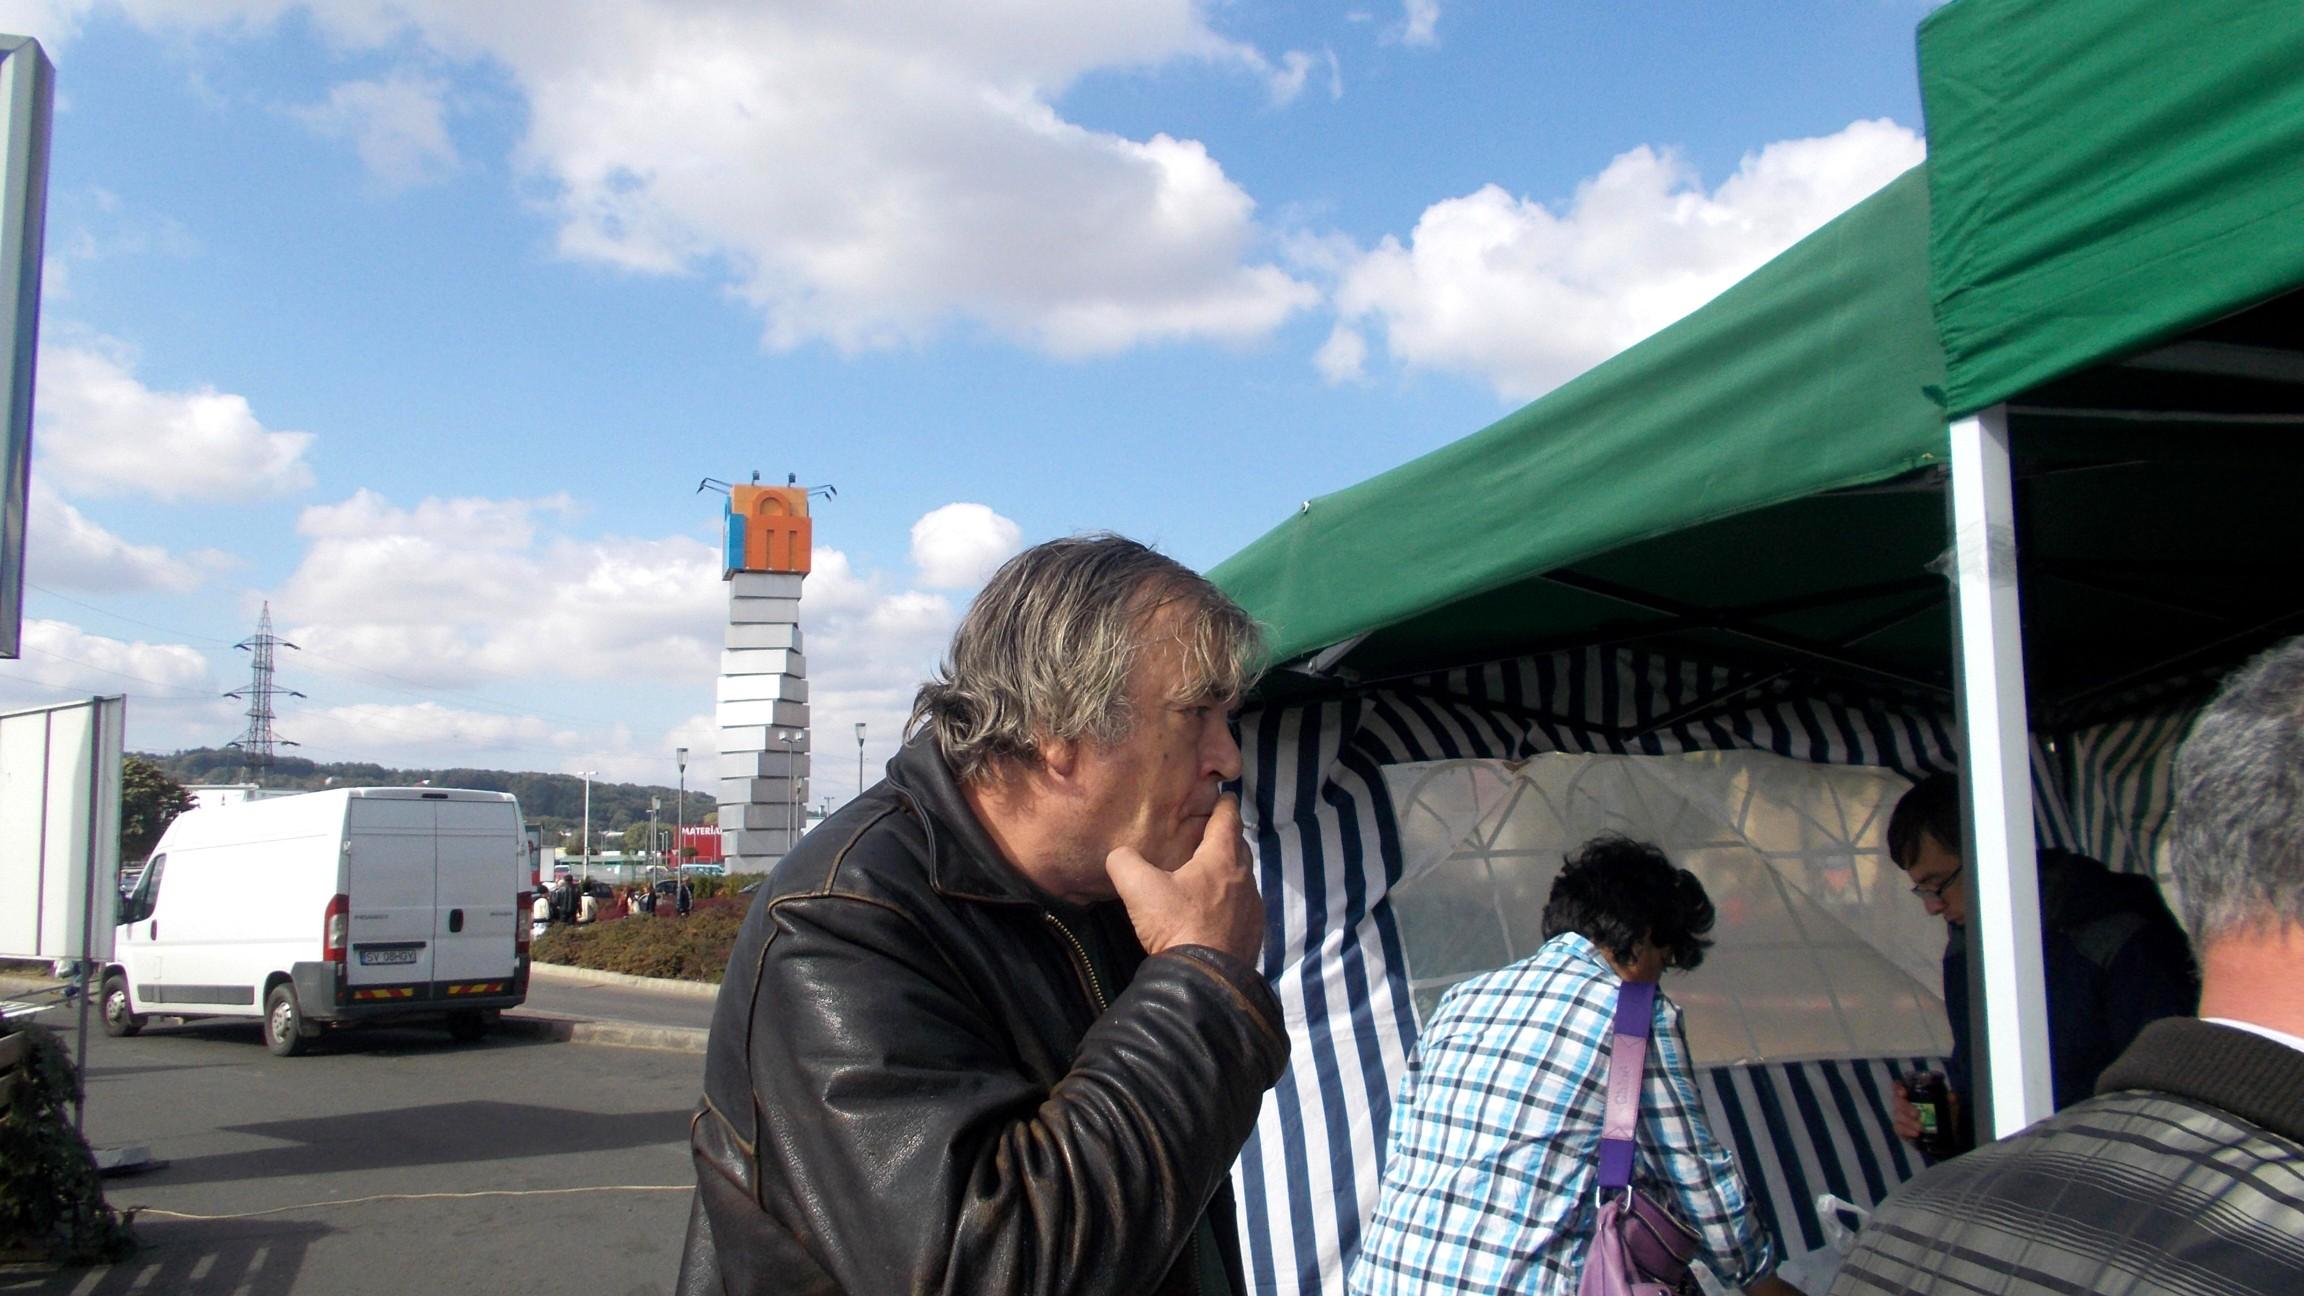 Publicistul Cezar Straton, la cumpărături